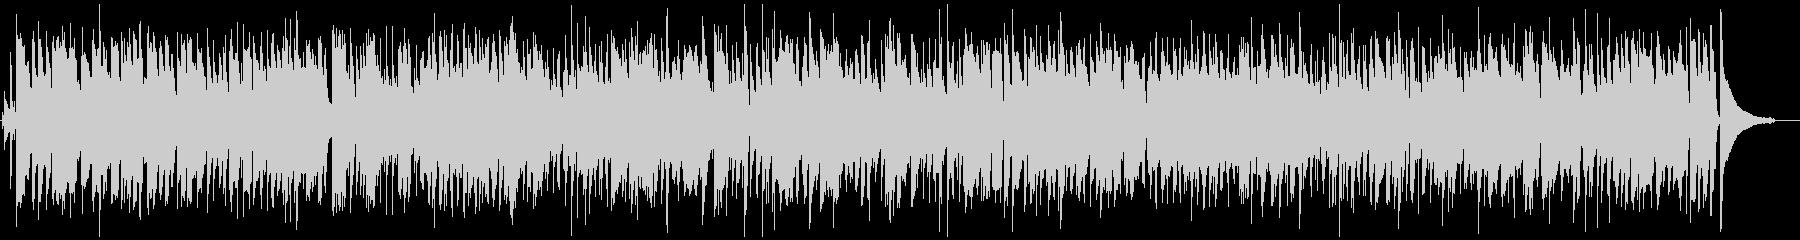 ゆったりしたジャズBGMの未再生の波形